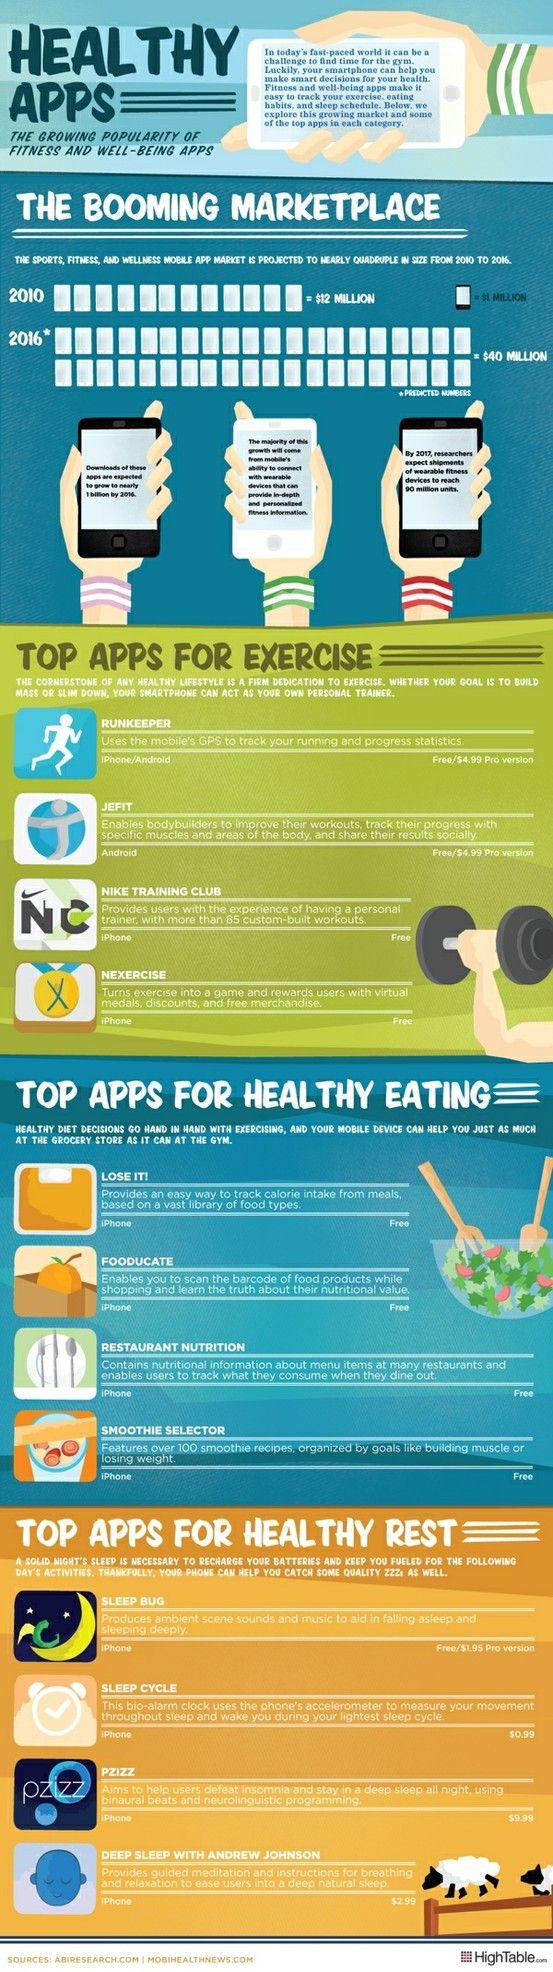 Best 25 Food Journal Ideas On Pinterest Weight Loss Journal Fitness Journal And Weight Loss